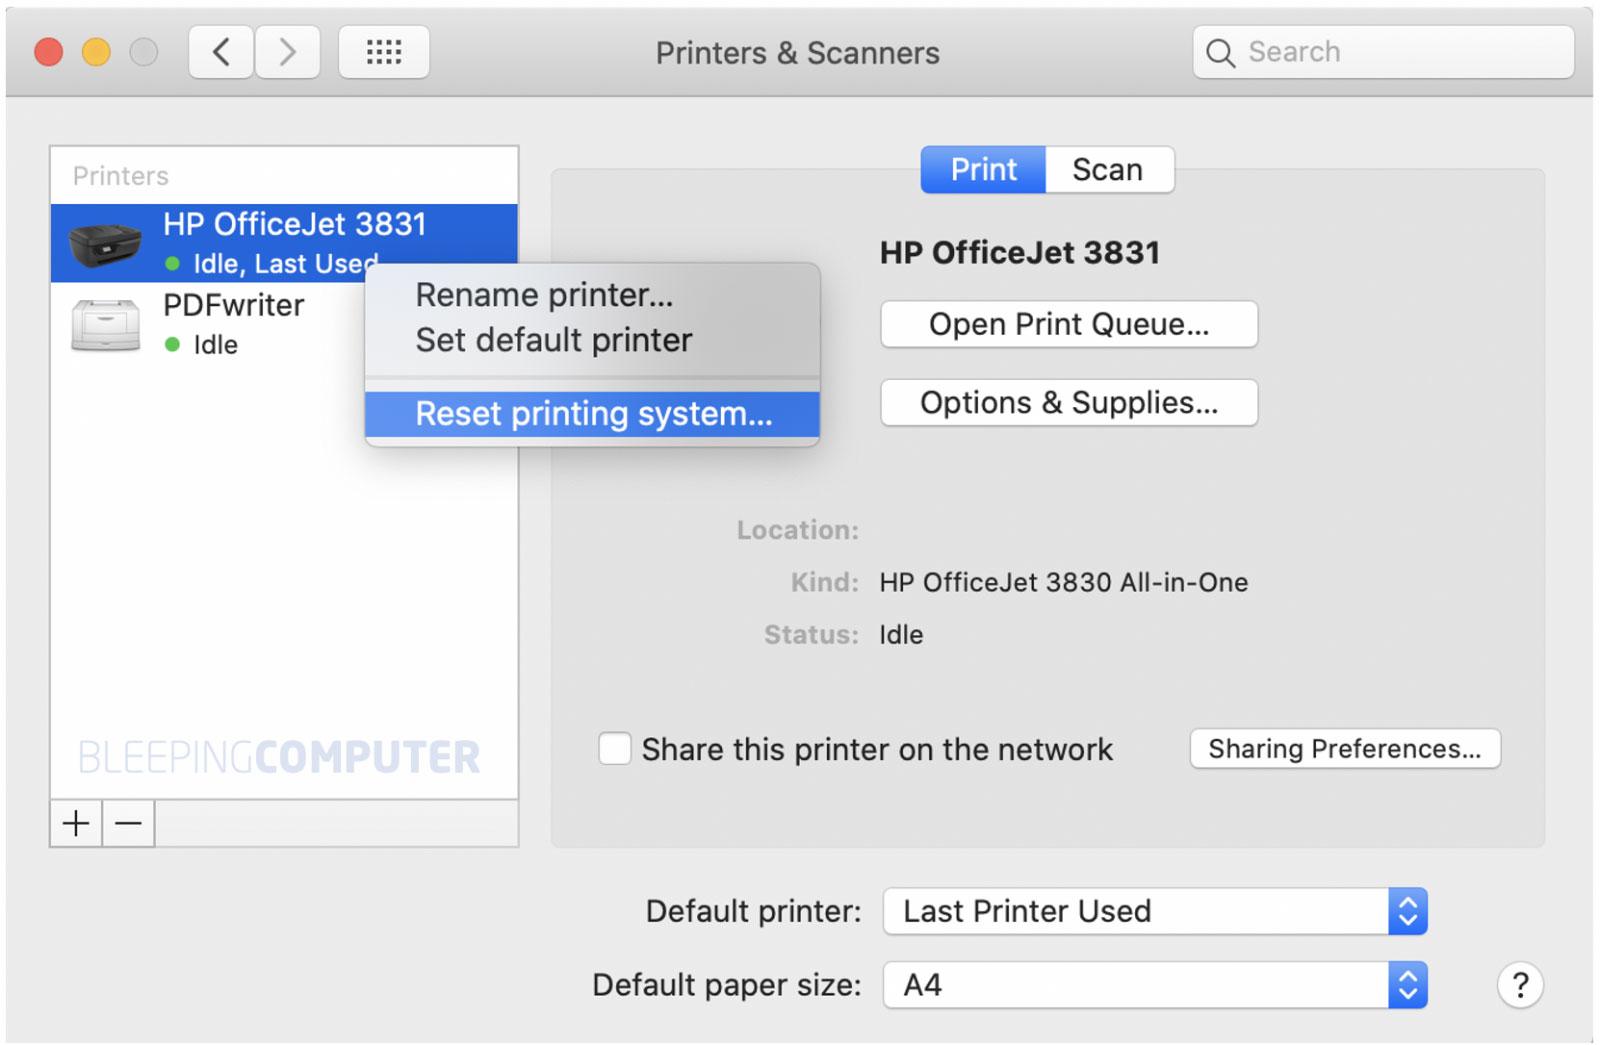 苹果吊销 HP 证书,Mac 用户无法打印?附详细解决方案